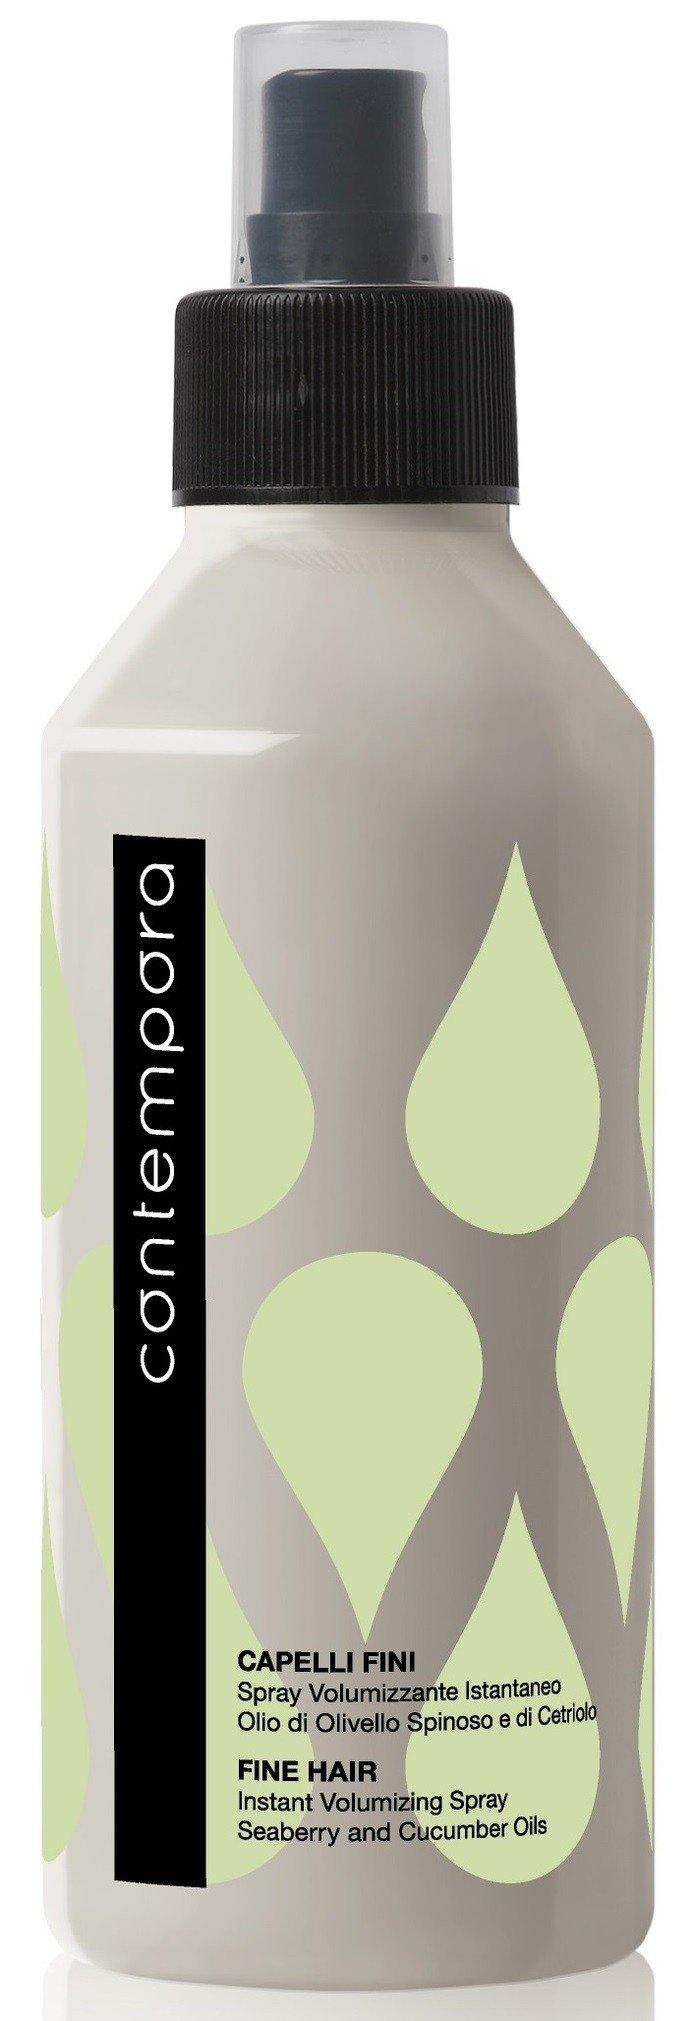 BAREX Спрей для мгновенного объема, с маслом облепихи и огуречным маслом / СОNTEMPORA 200 мл